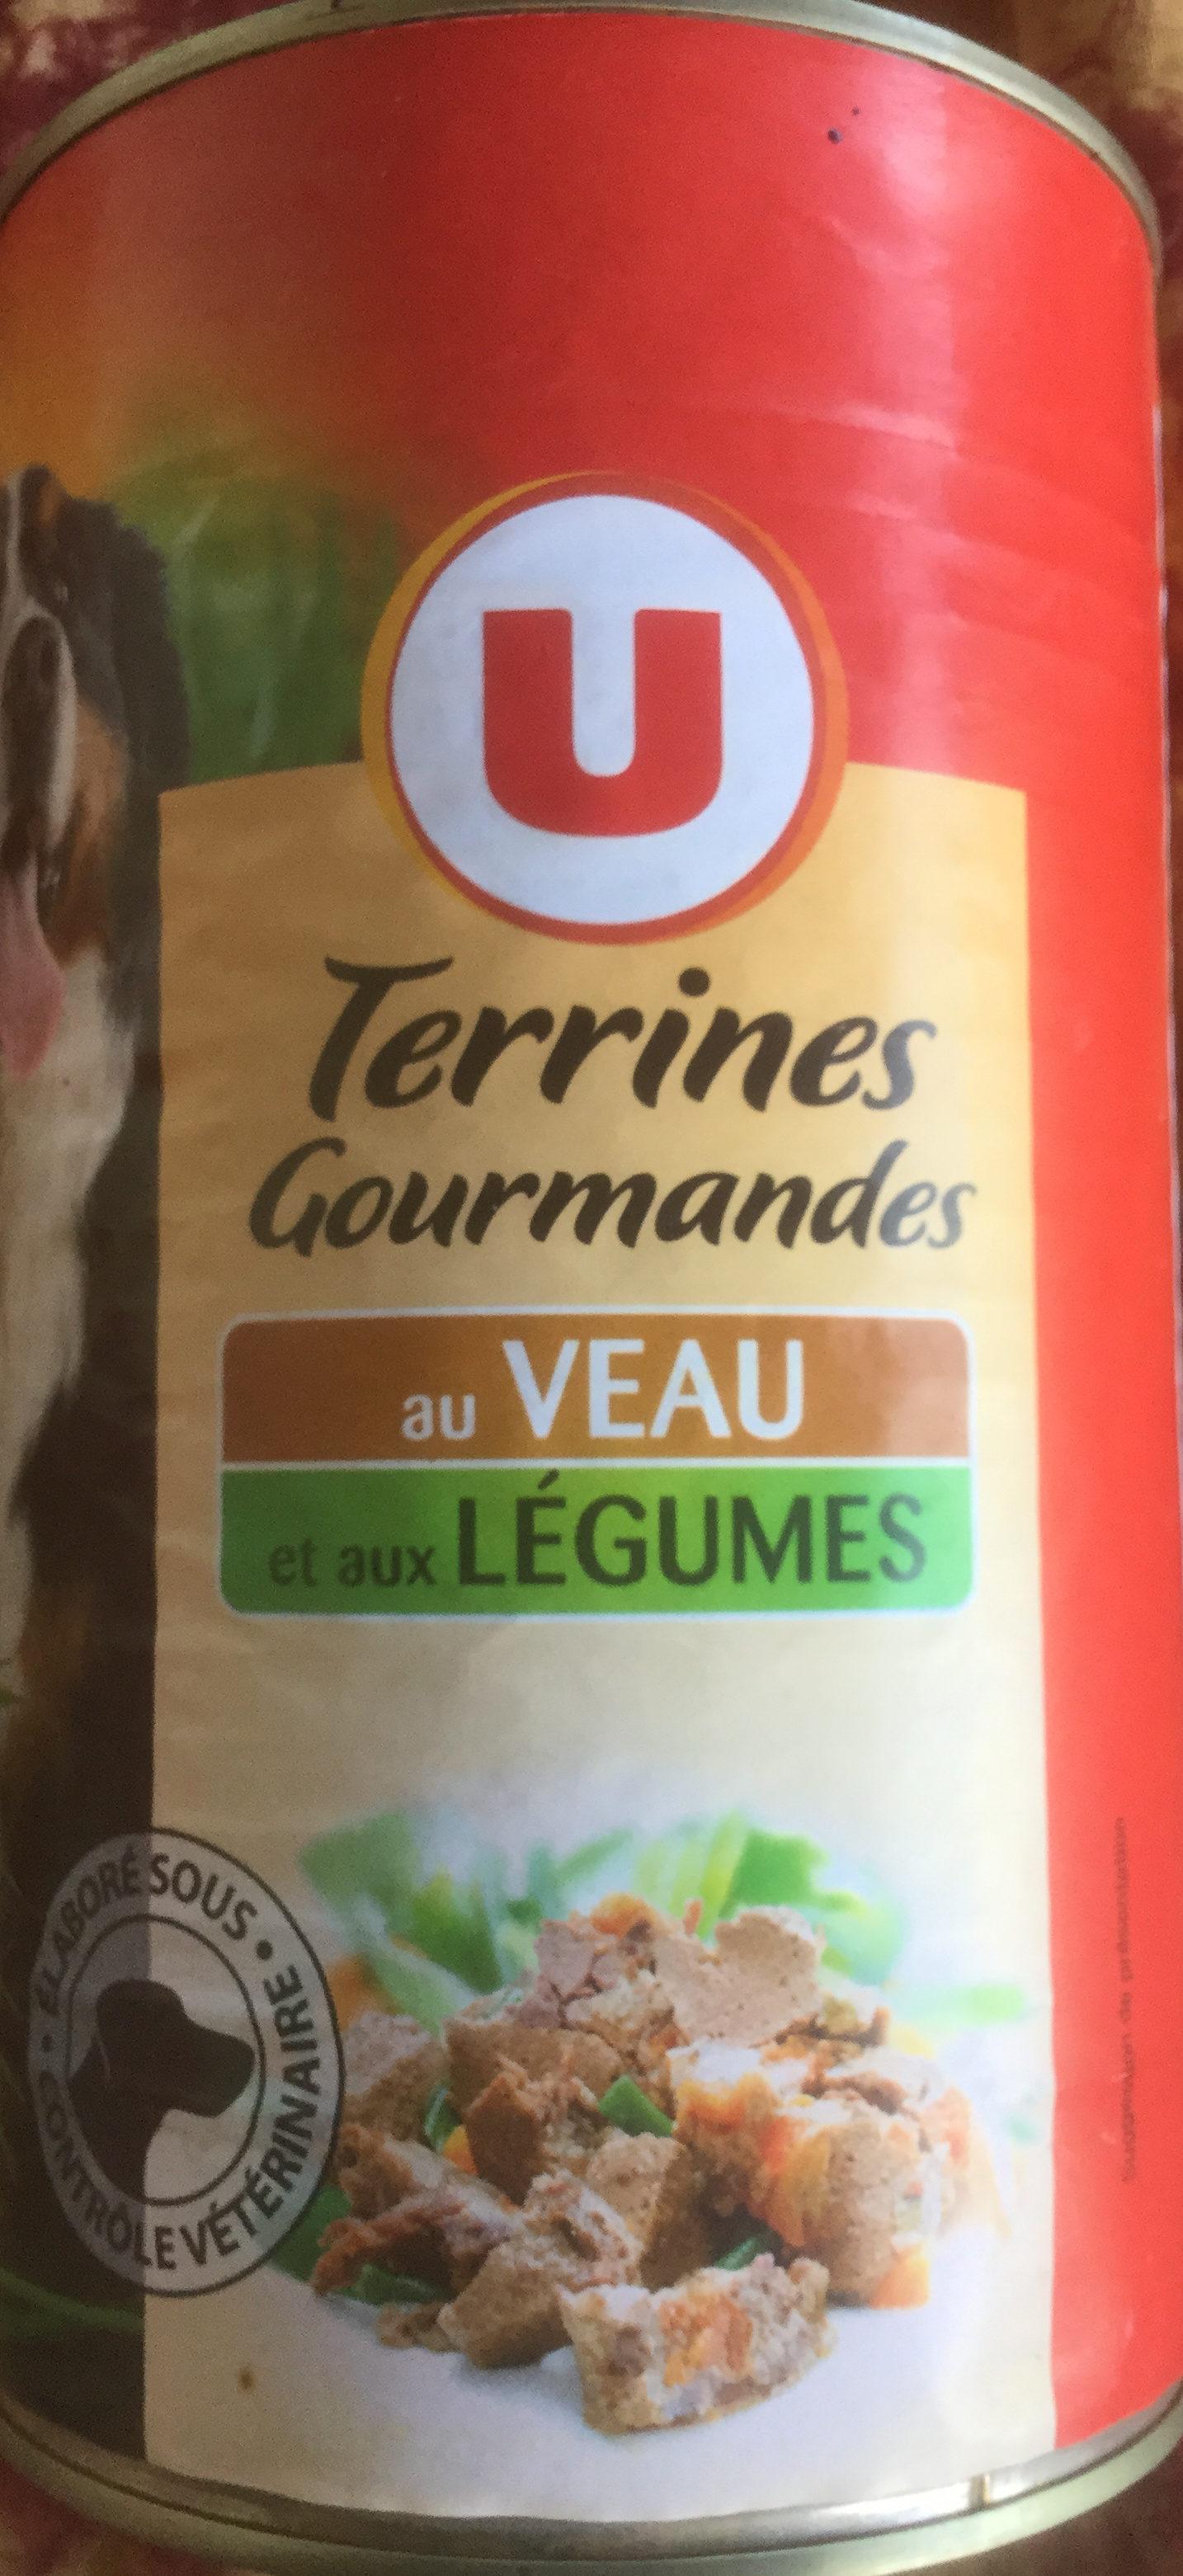 Terrines Gourmandes au Veau et aux légumes  - Produit